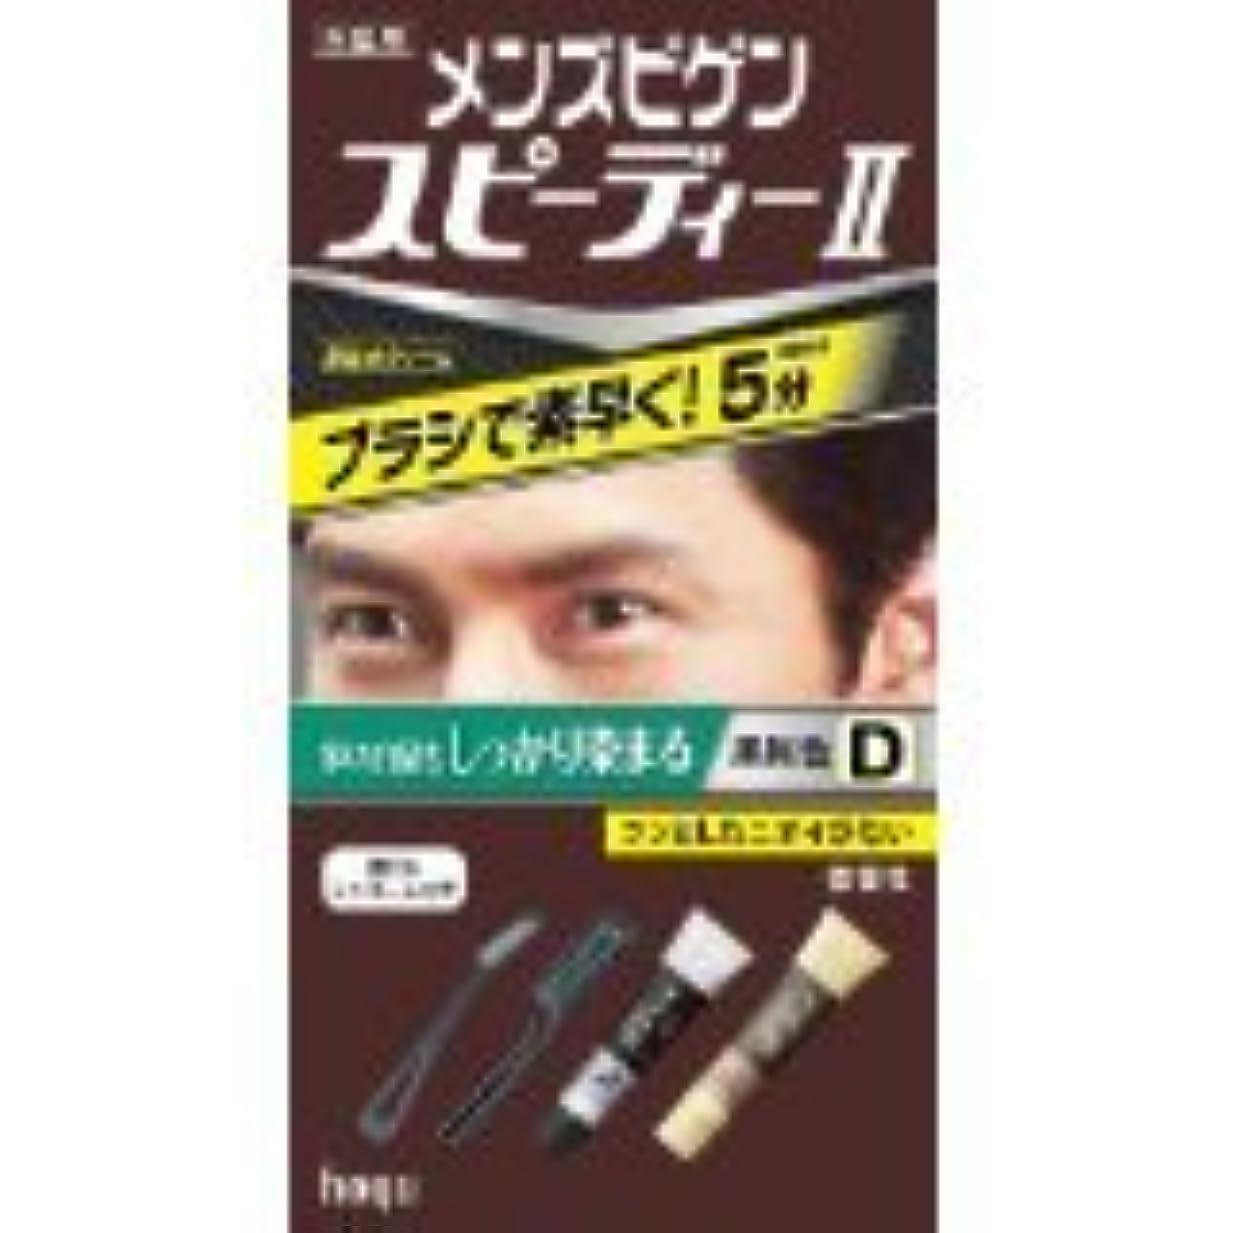 ペパーミント歯フィードメンズビゲン スピーディーⅡ (D 黒褐色)×12個